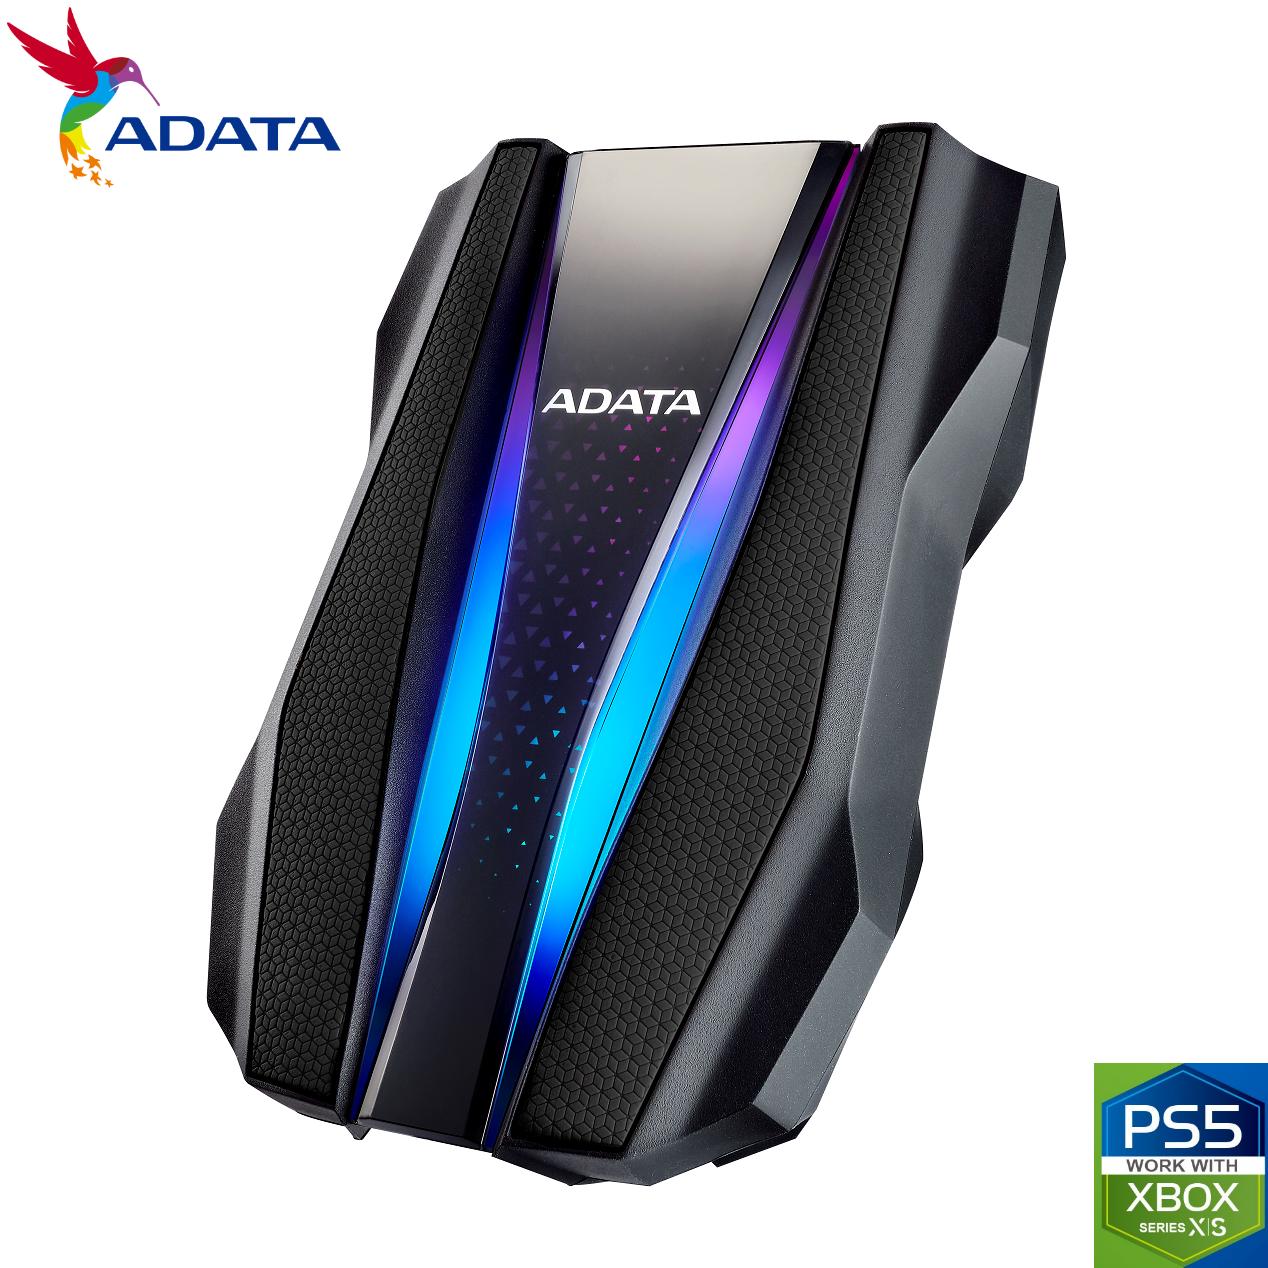 ADATA 1TB HD770G RGB USB 3.2 IP68 Waterproof Dropproof Dustproof External HDD Black